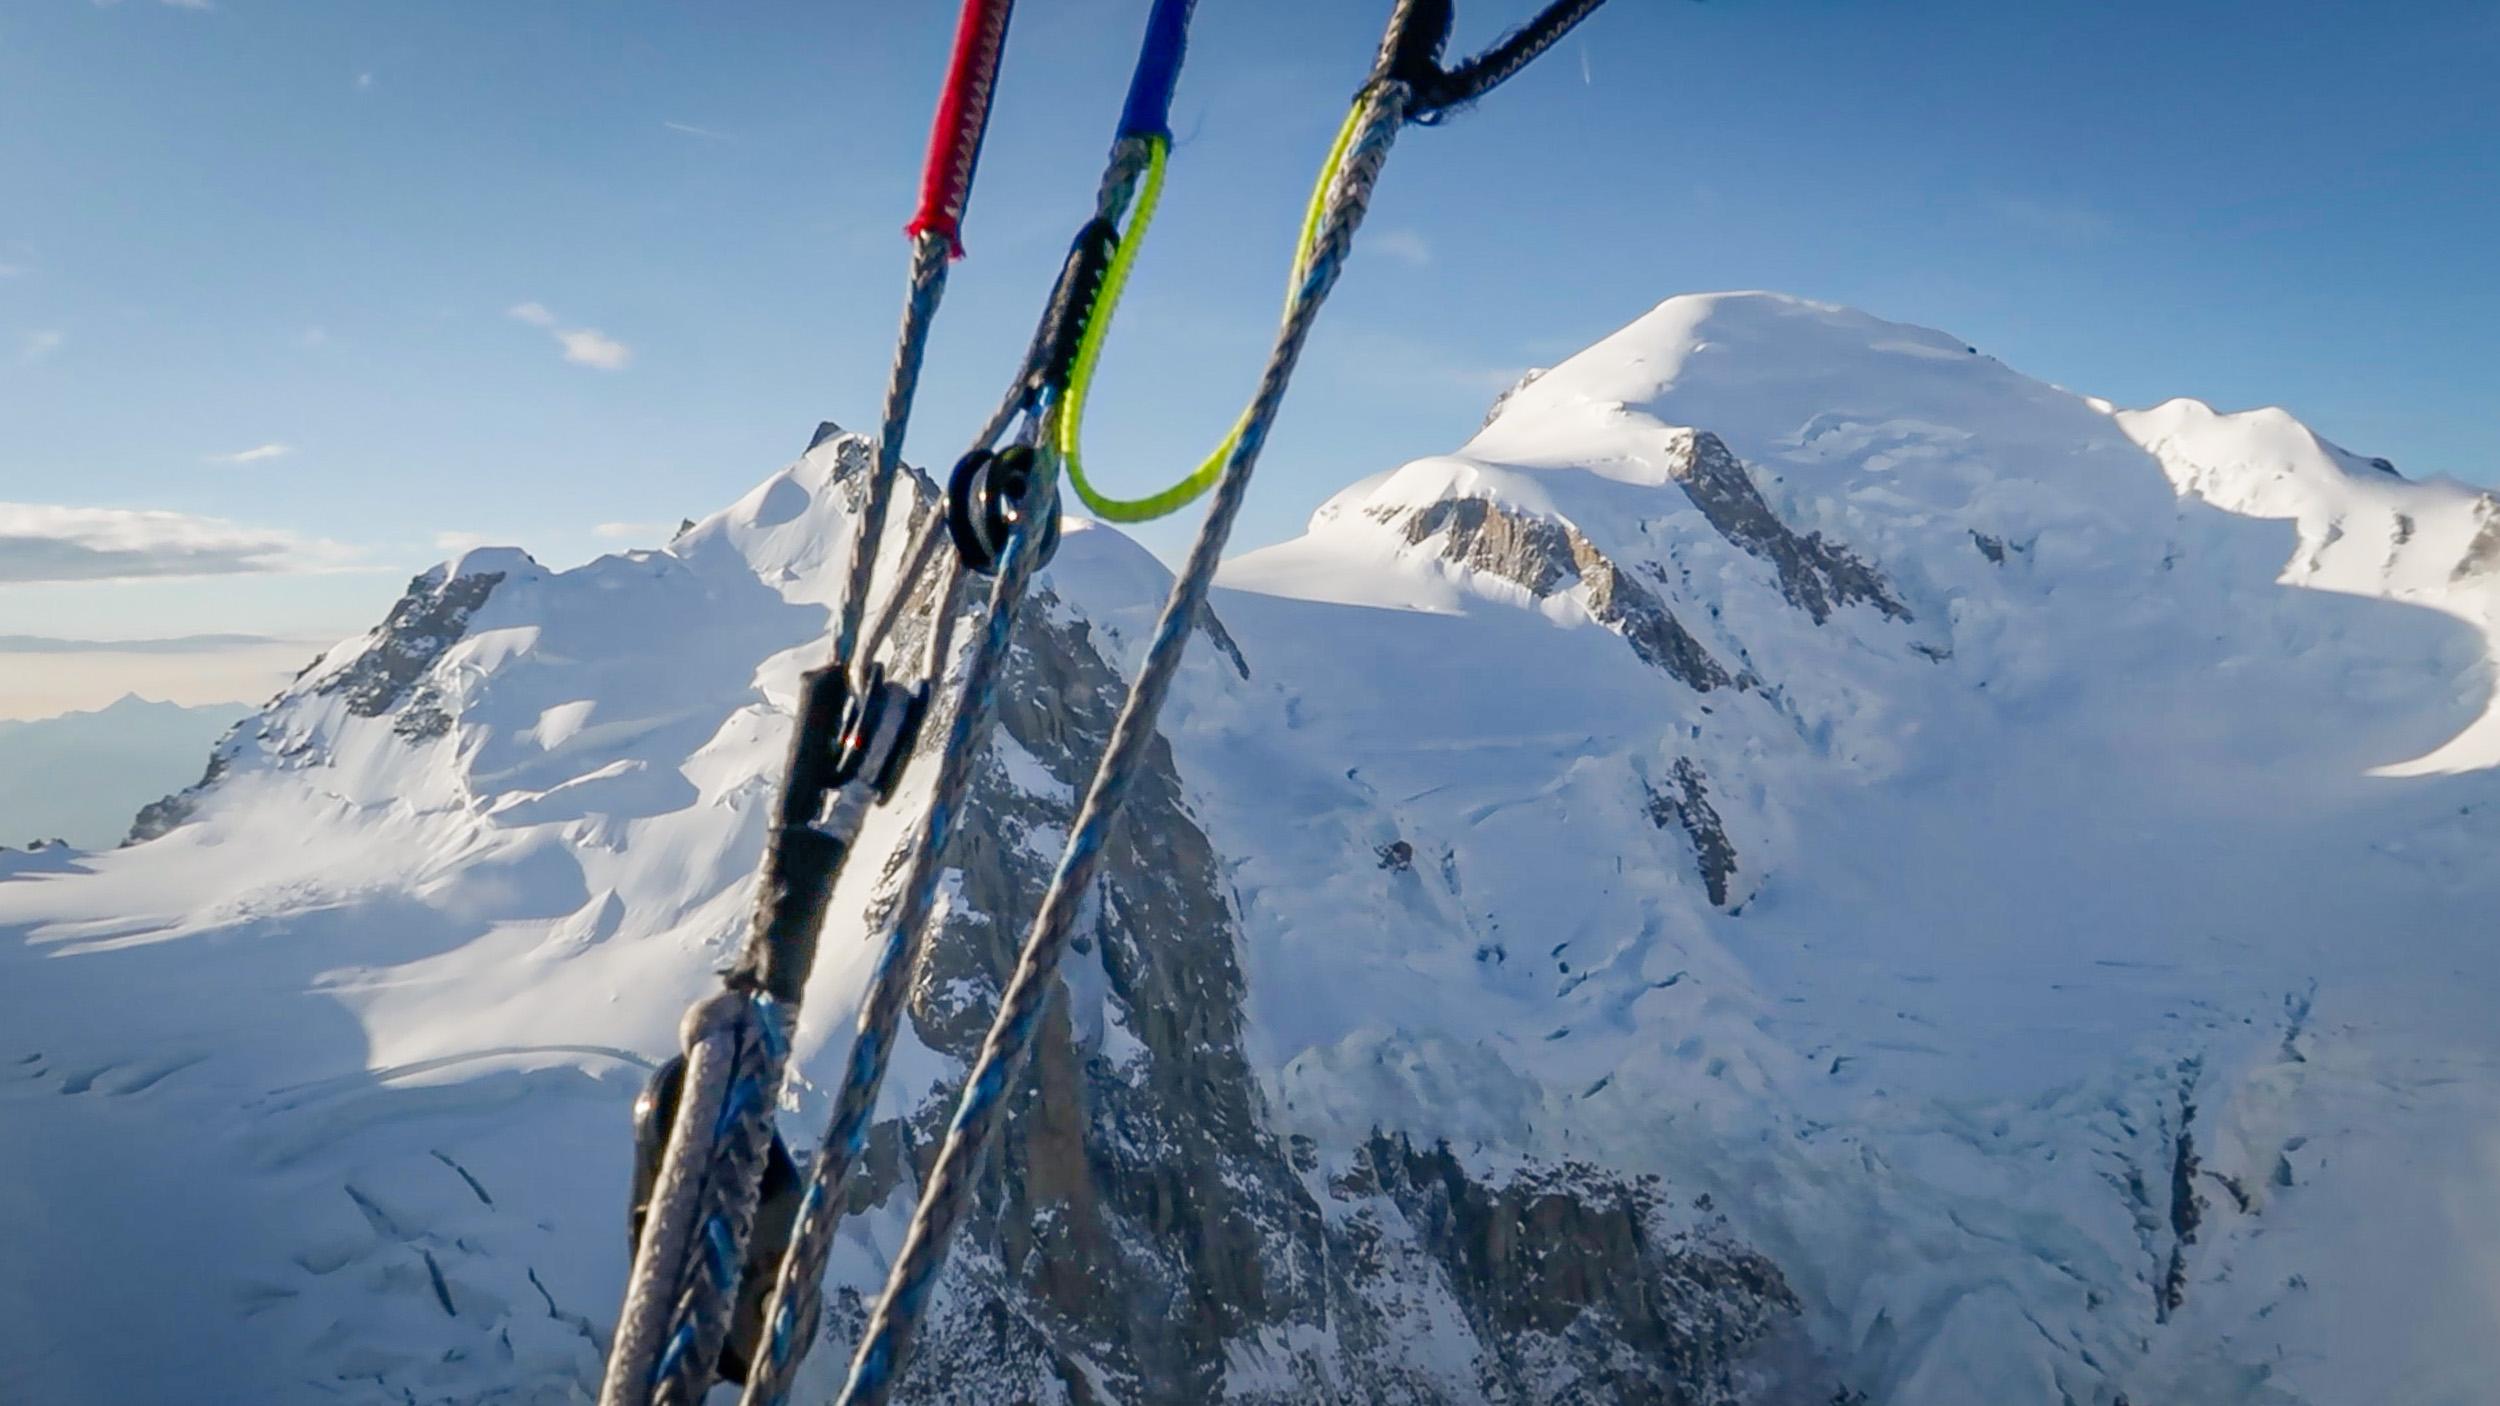 Rückblick zum Gipfel beim Flug vom Mont Blanc